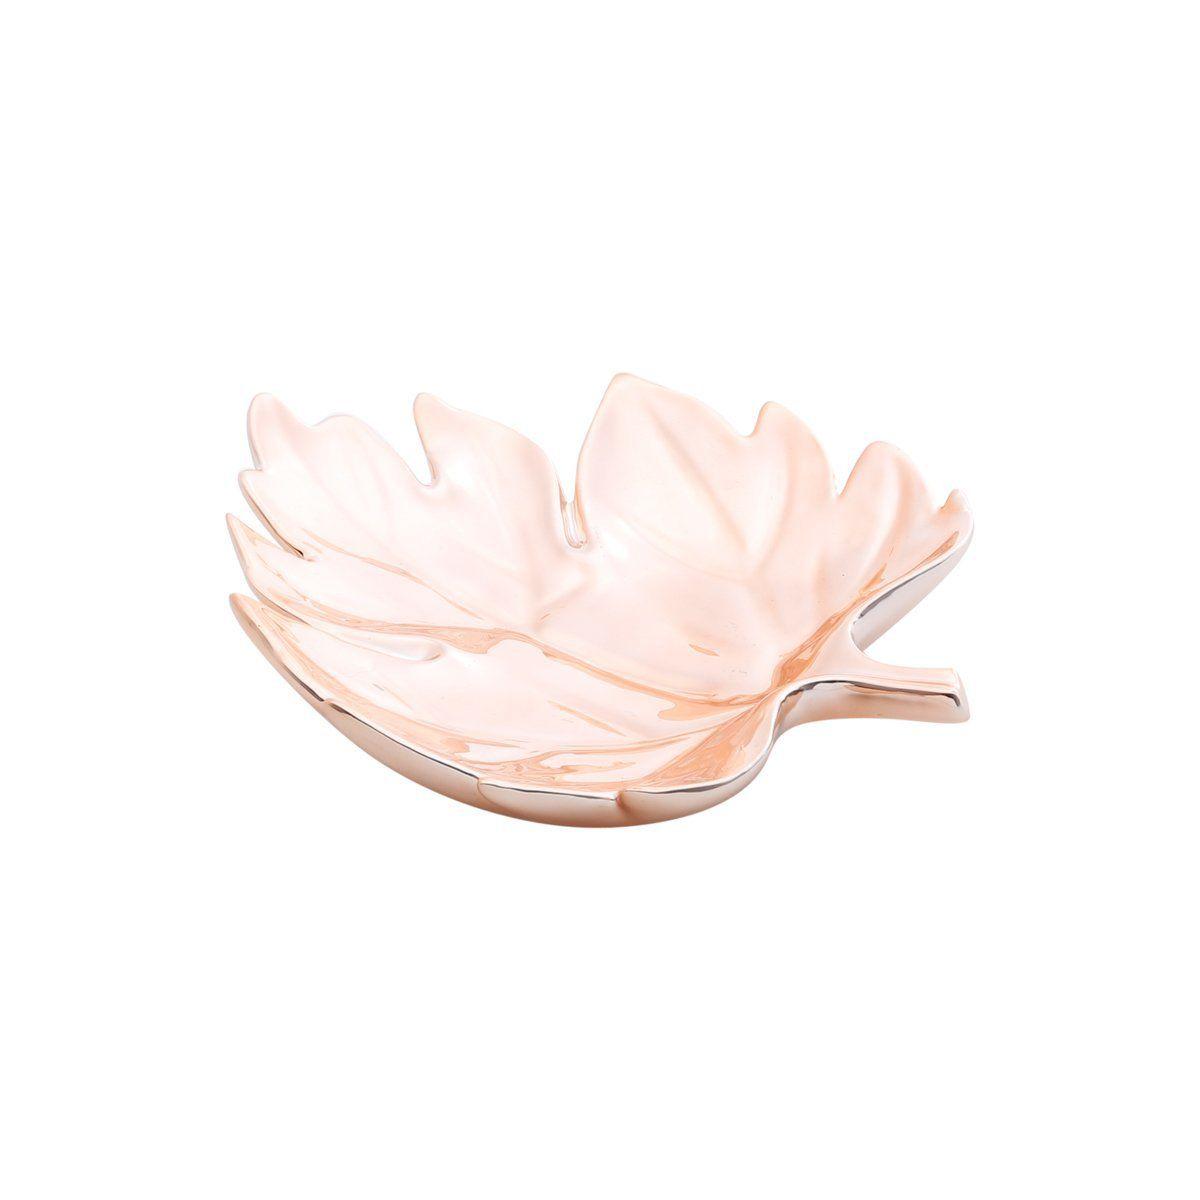 Prato decorativo 20 cm de cerâmica rosé gold Folha Prestige - 25675